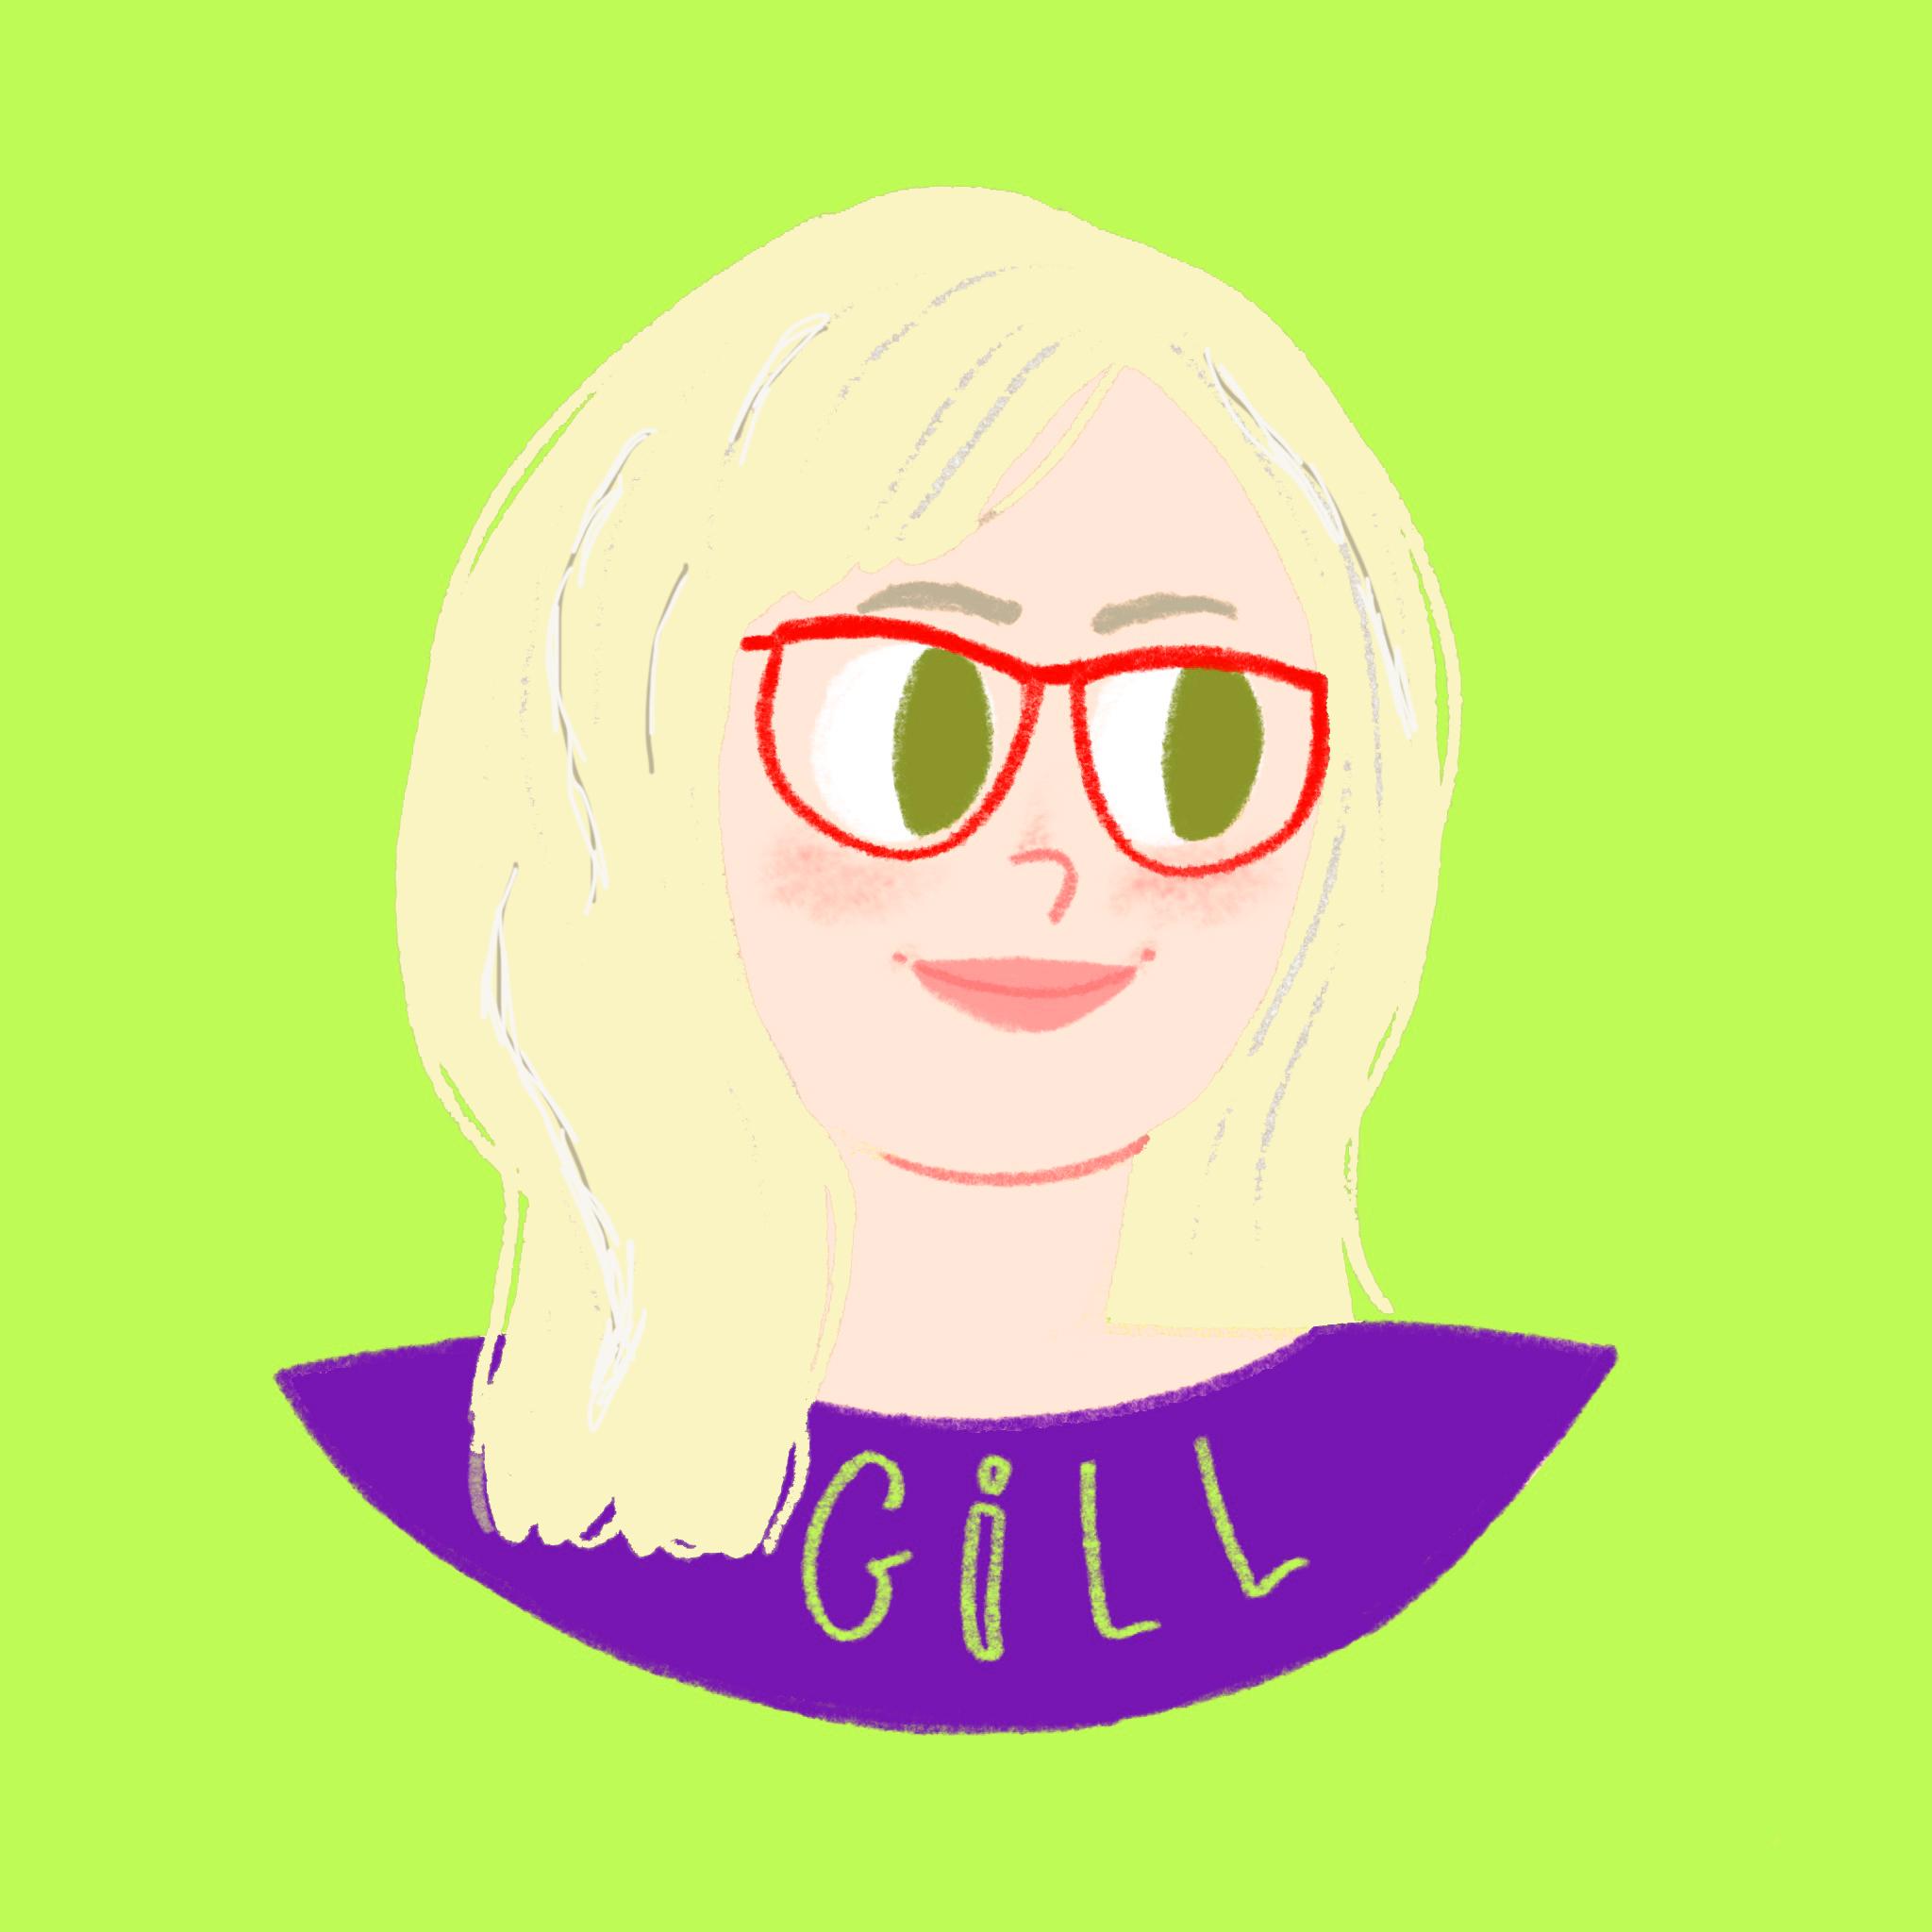 GILL.jpg